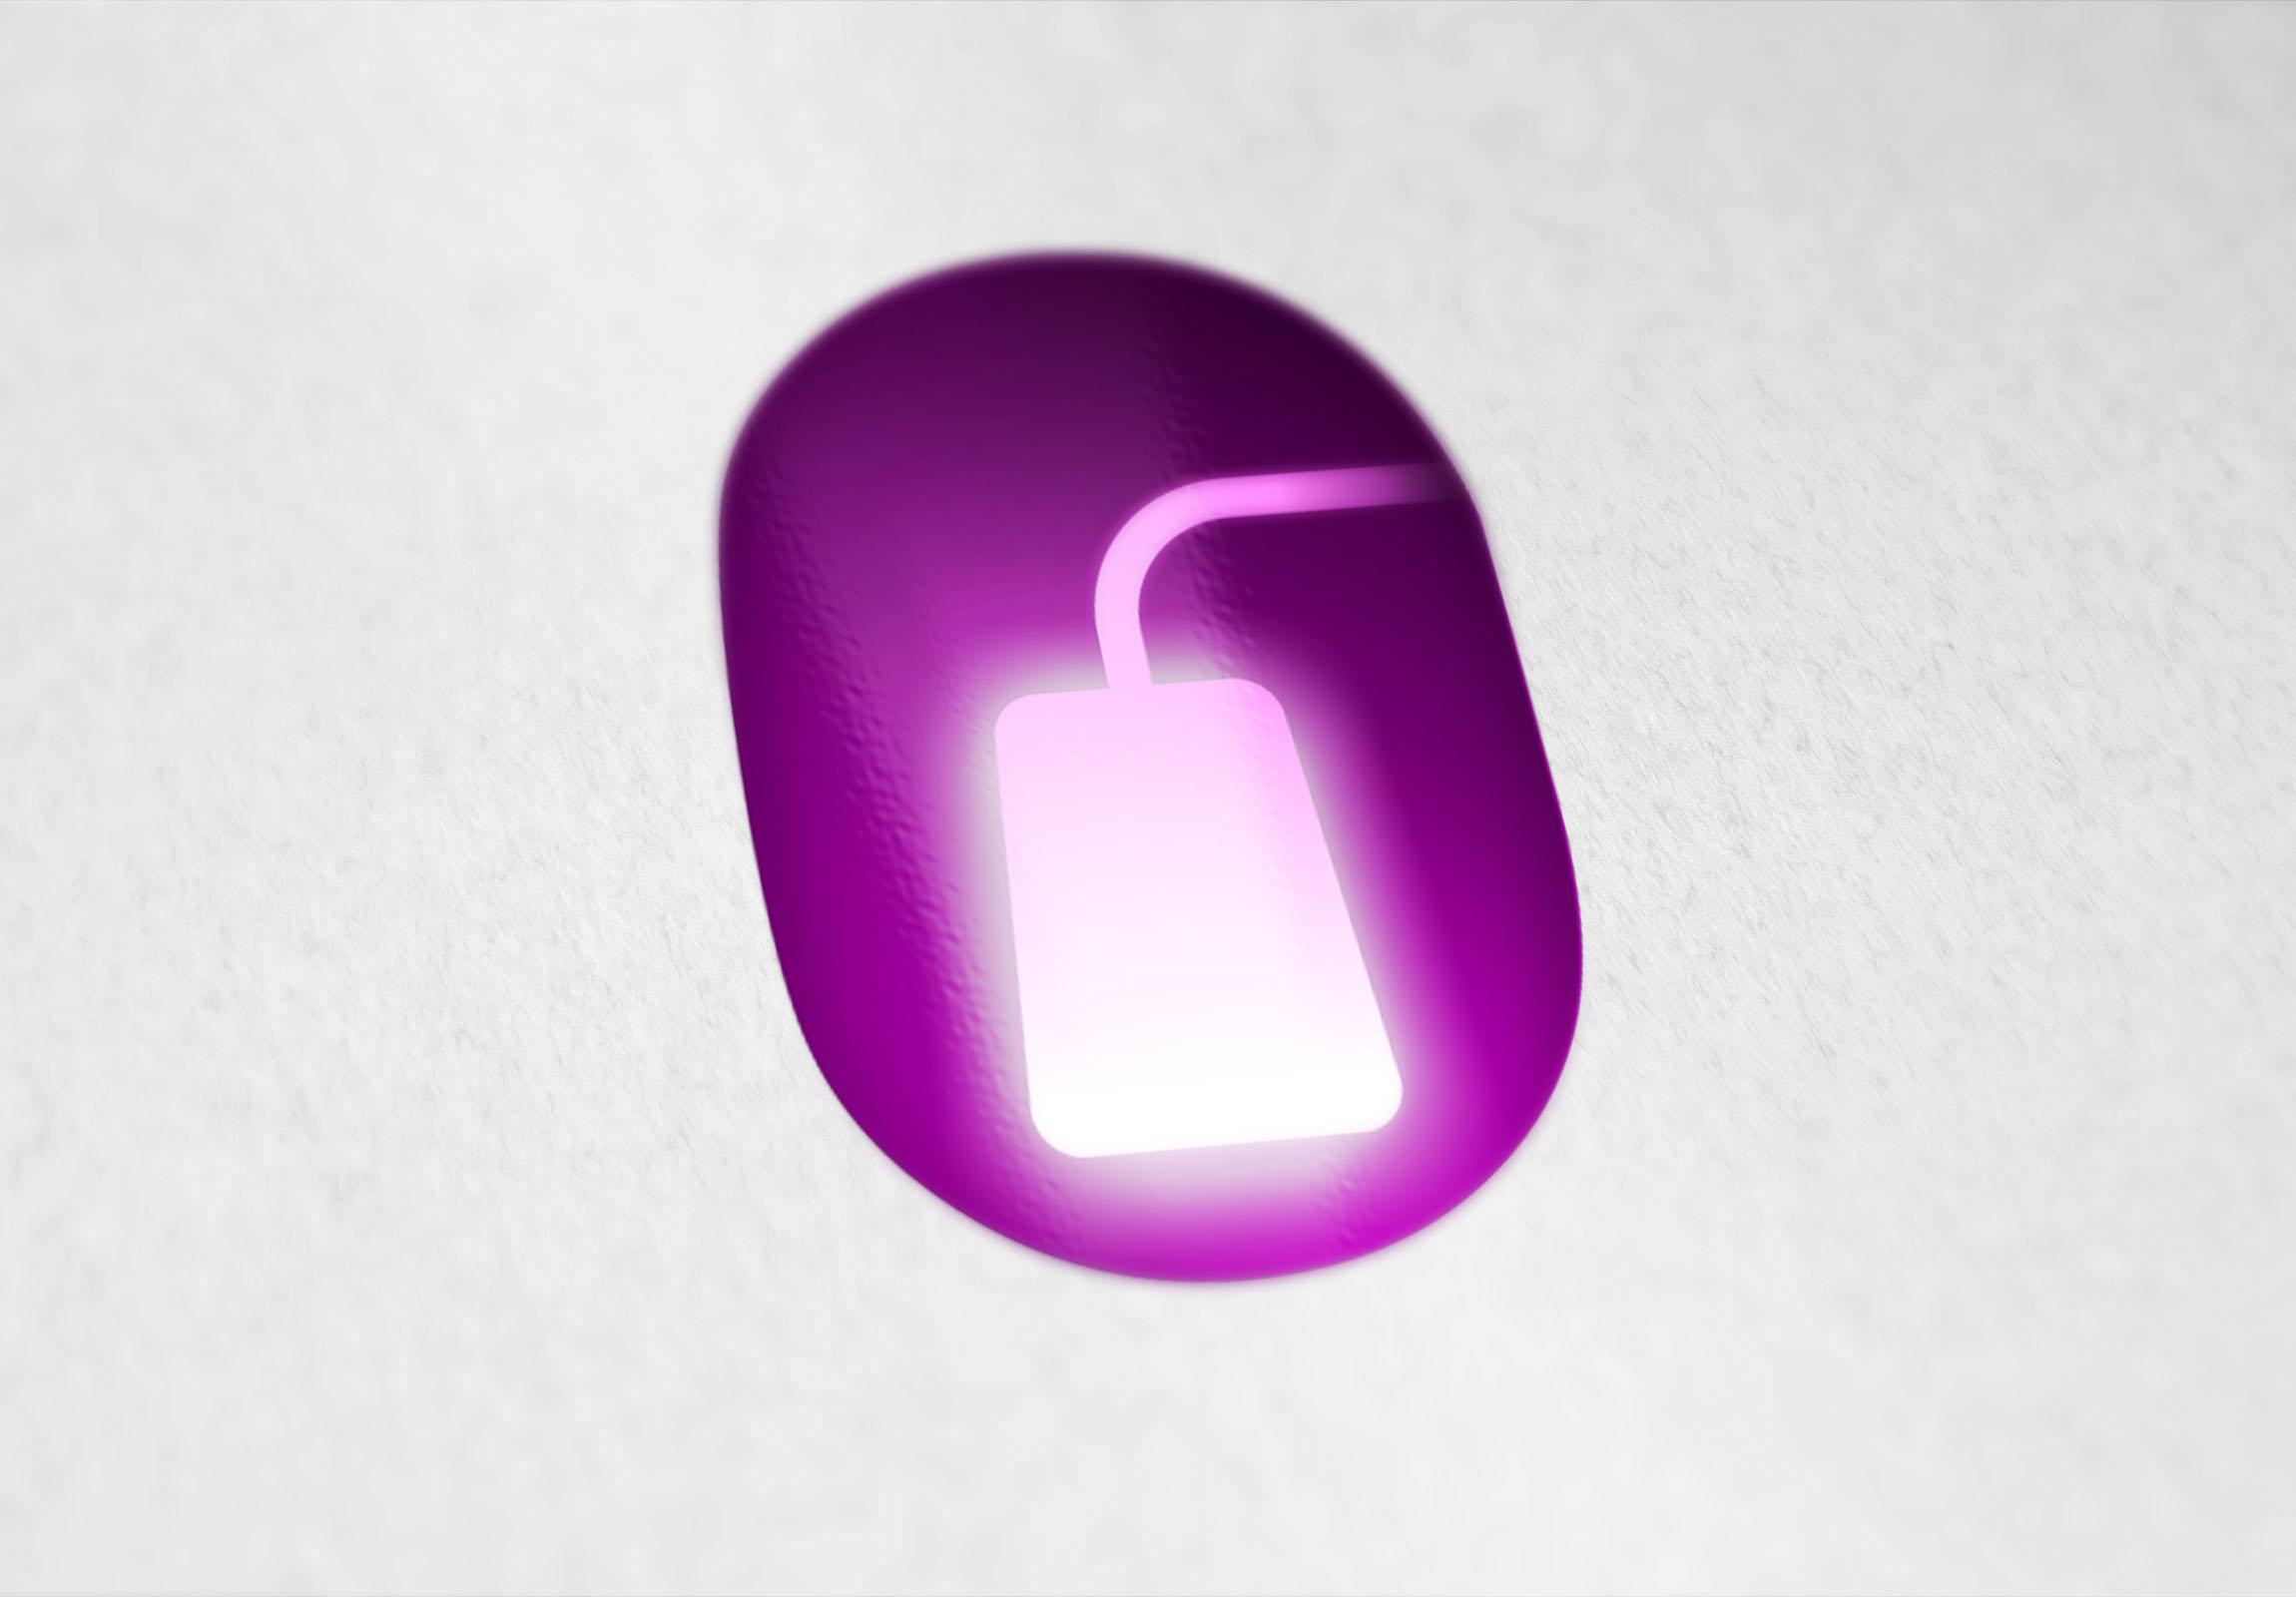 Разработка логотипа и элементов фирменного стиля фото f_17657ead81438b8e.jpg